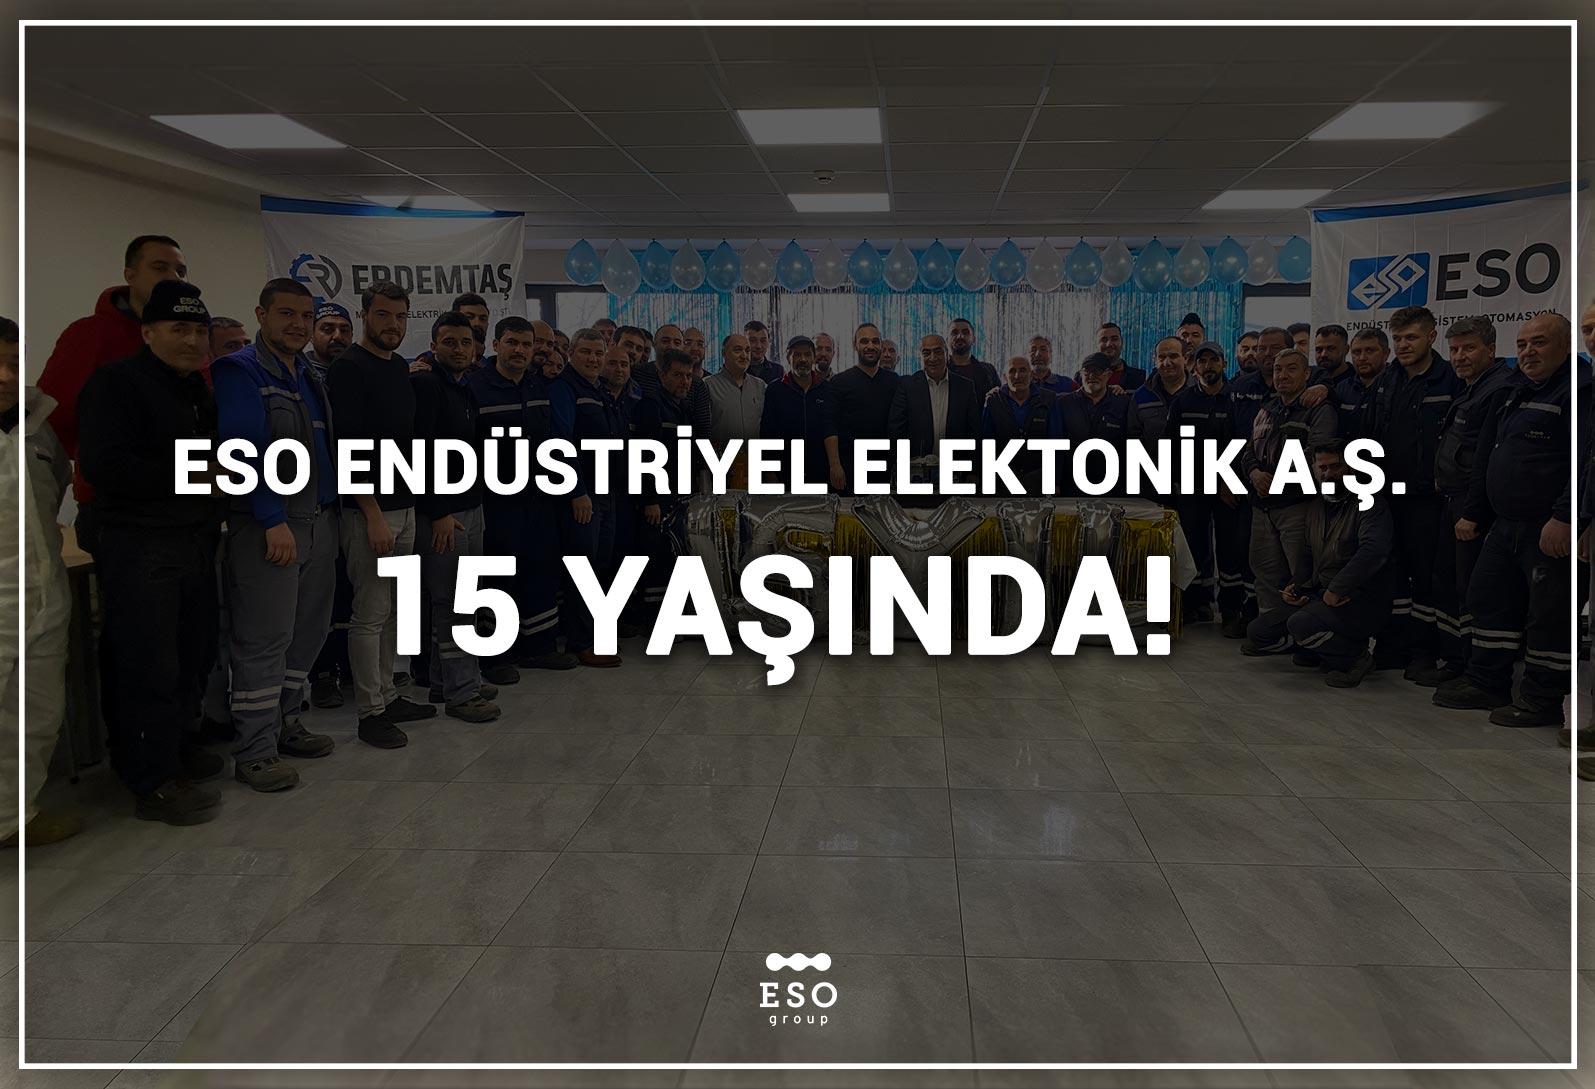 ESO Endüstriyel Elektronik A.Ş. 15. Kuruluş Yıl Dönümünü Kutladı